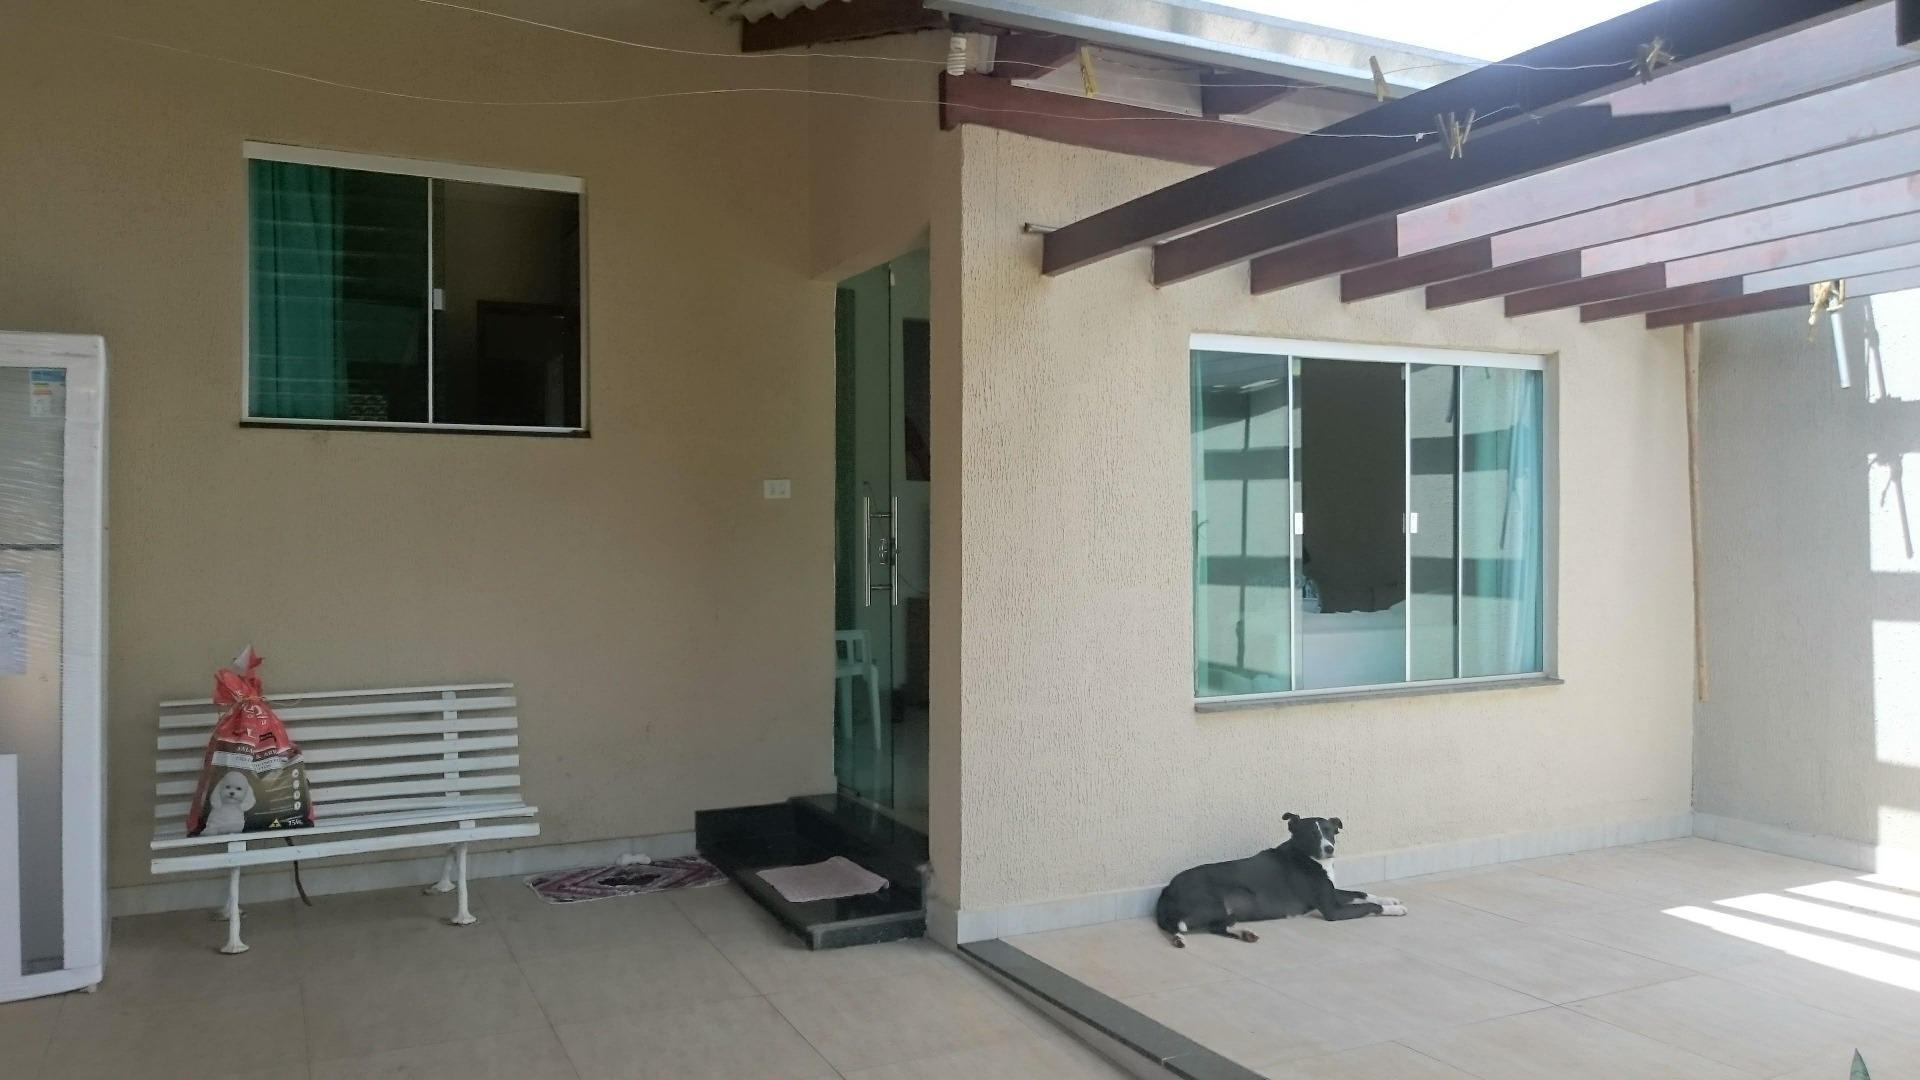 FOTO2 - Casa à venda Rua RT 3,Residencial Talismã, Goiânia - R$ 210.000 - CA0176 - 3